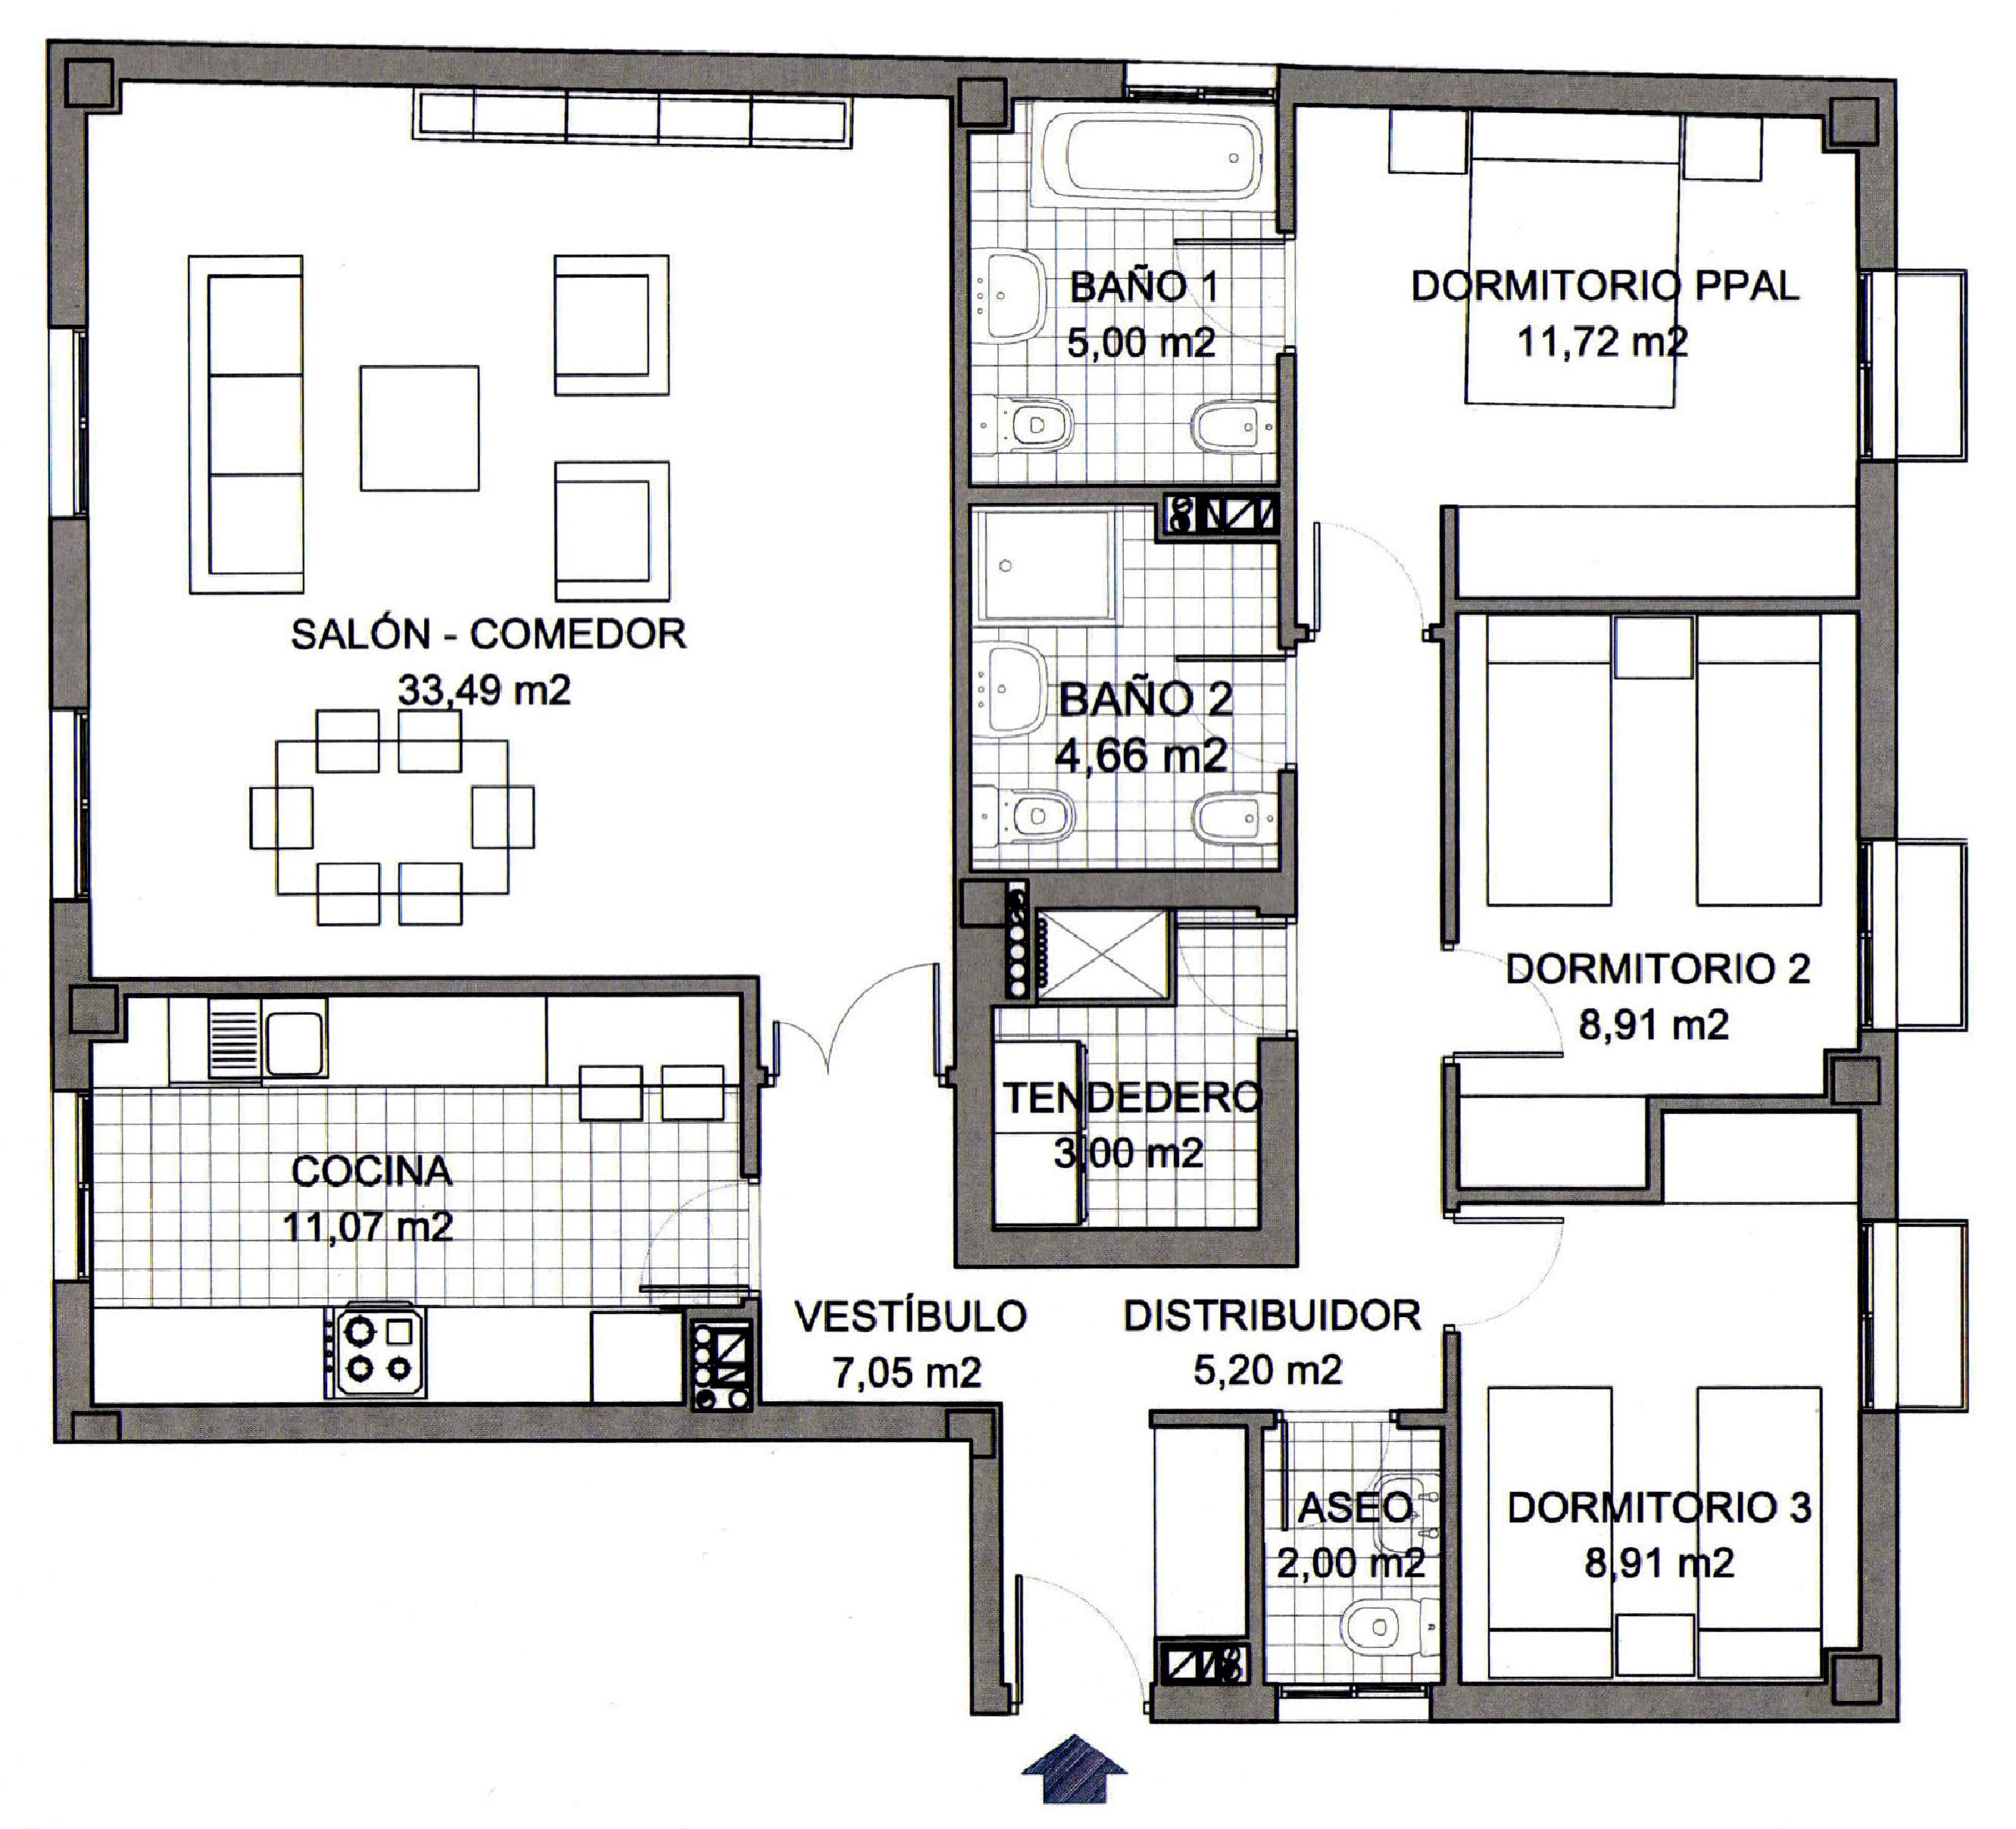 Primera casa s coop documento plano vivienda tipo 4 a for Viviendas modernas de una planta